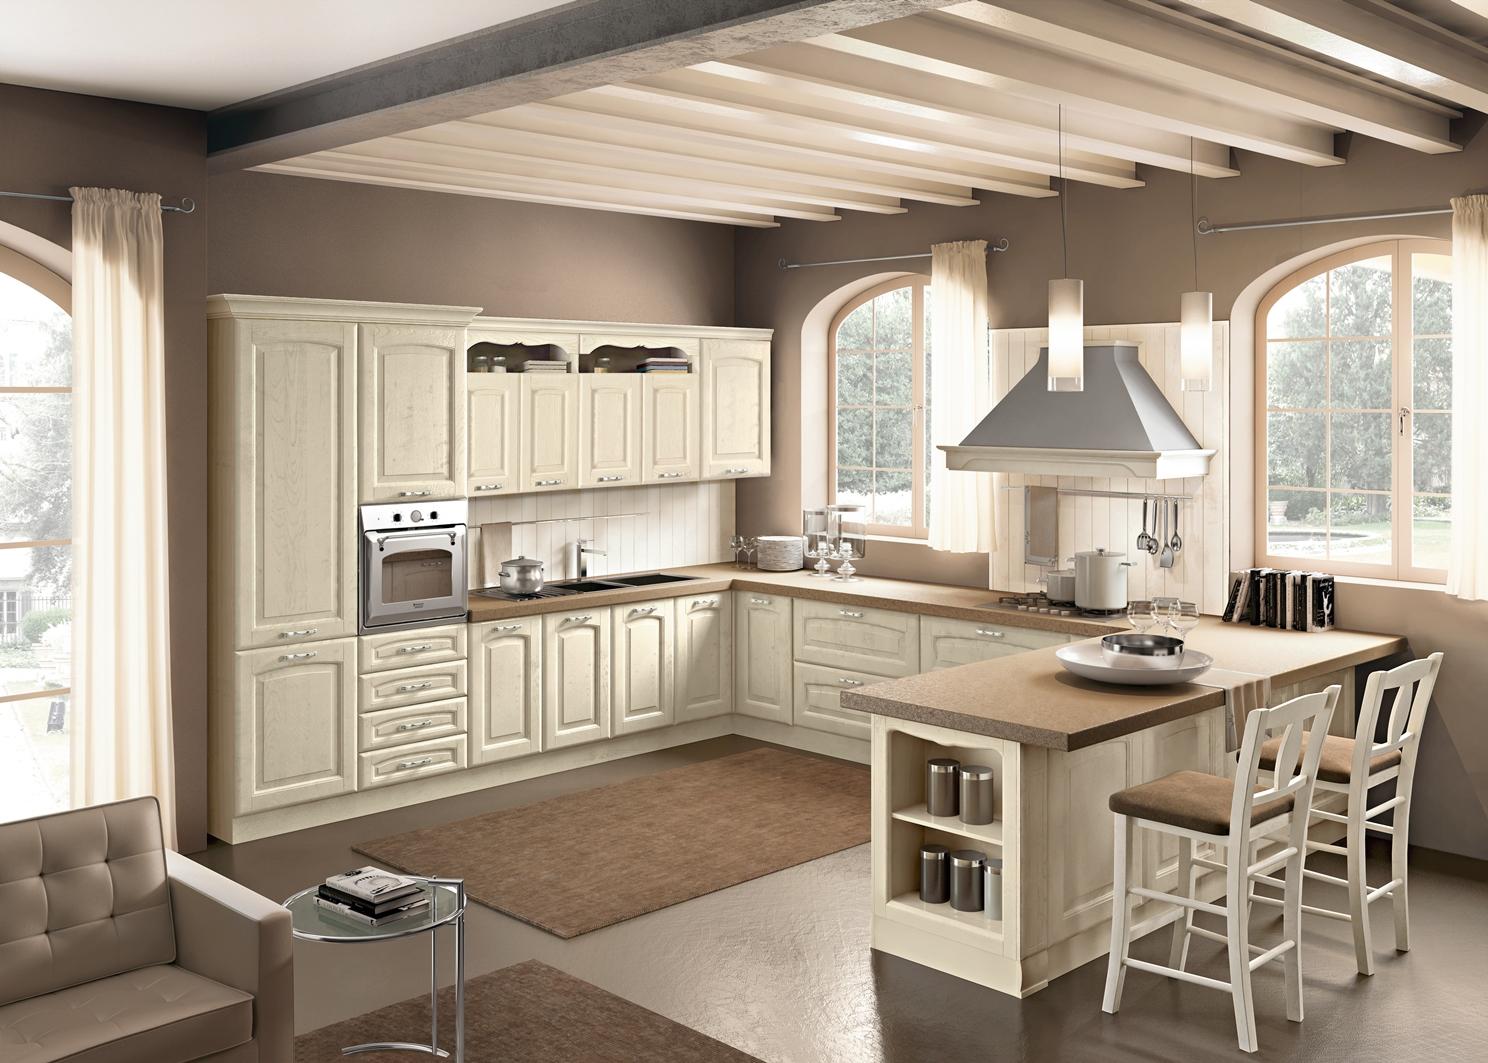 Cucina Lucrezia Landini € 2450.00 | Tutto Mobili, arredamento camere ...